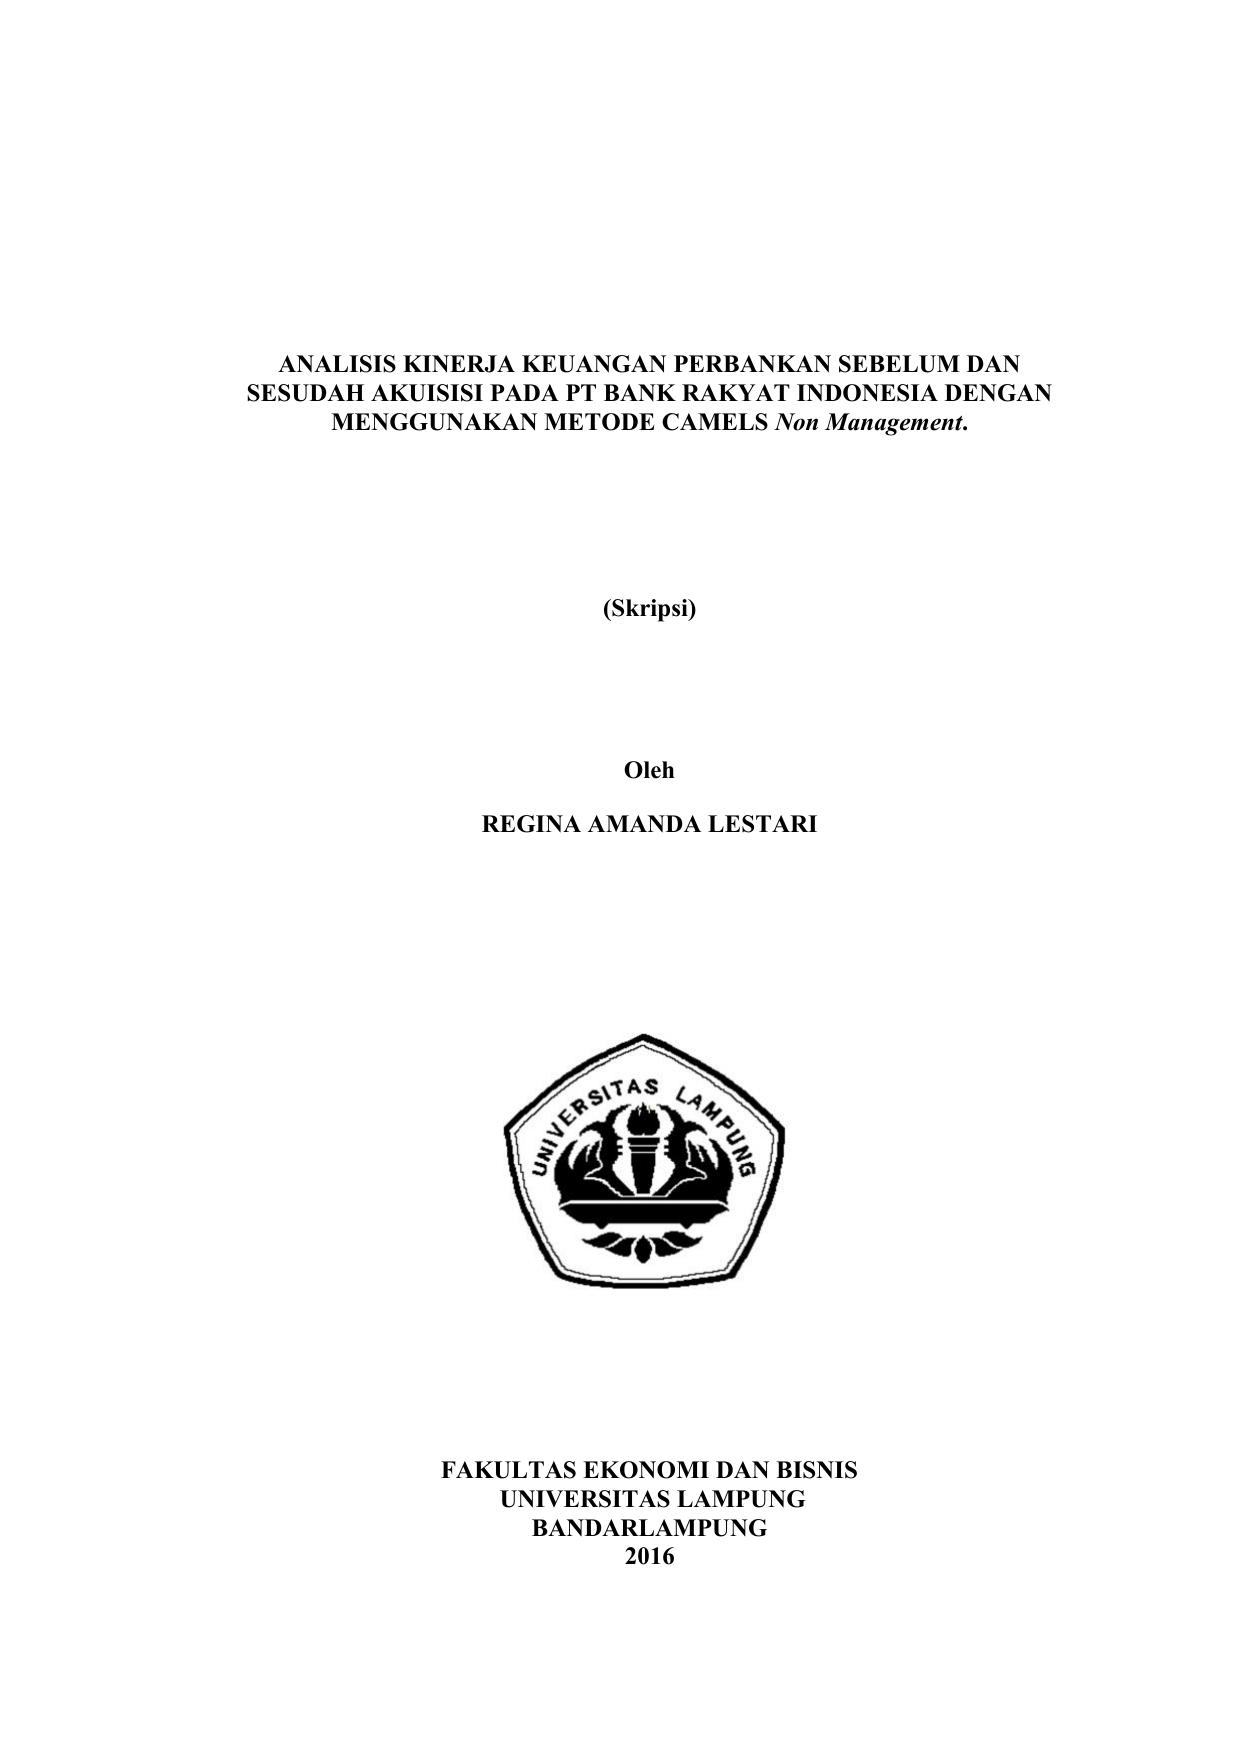 Analisis Kinerja Keuangan Perbankan Sebelum Dan Sesudah Akuisisi